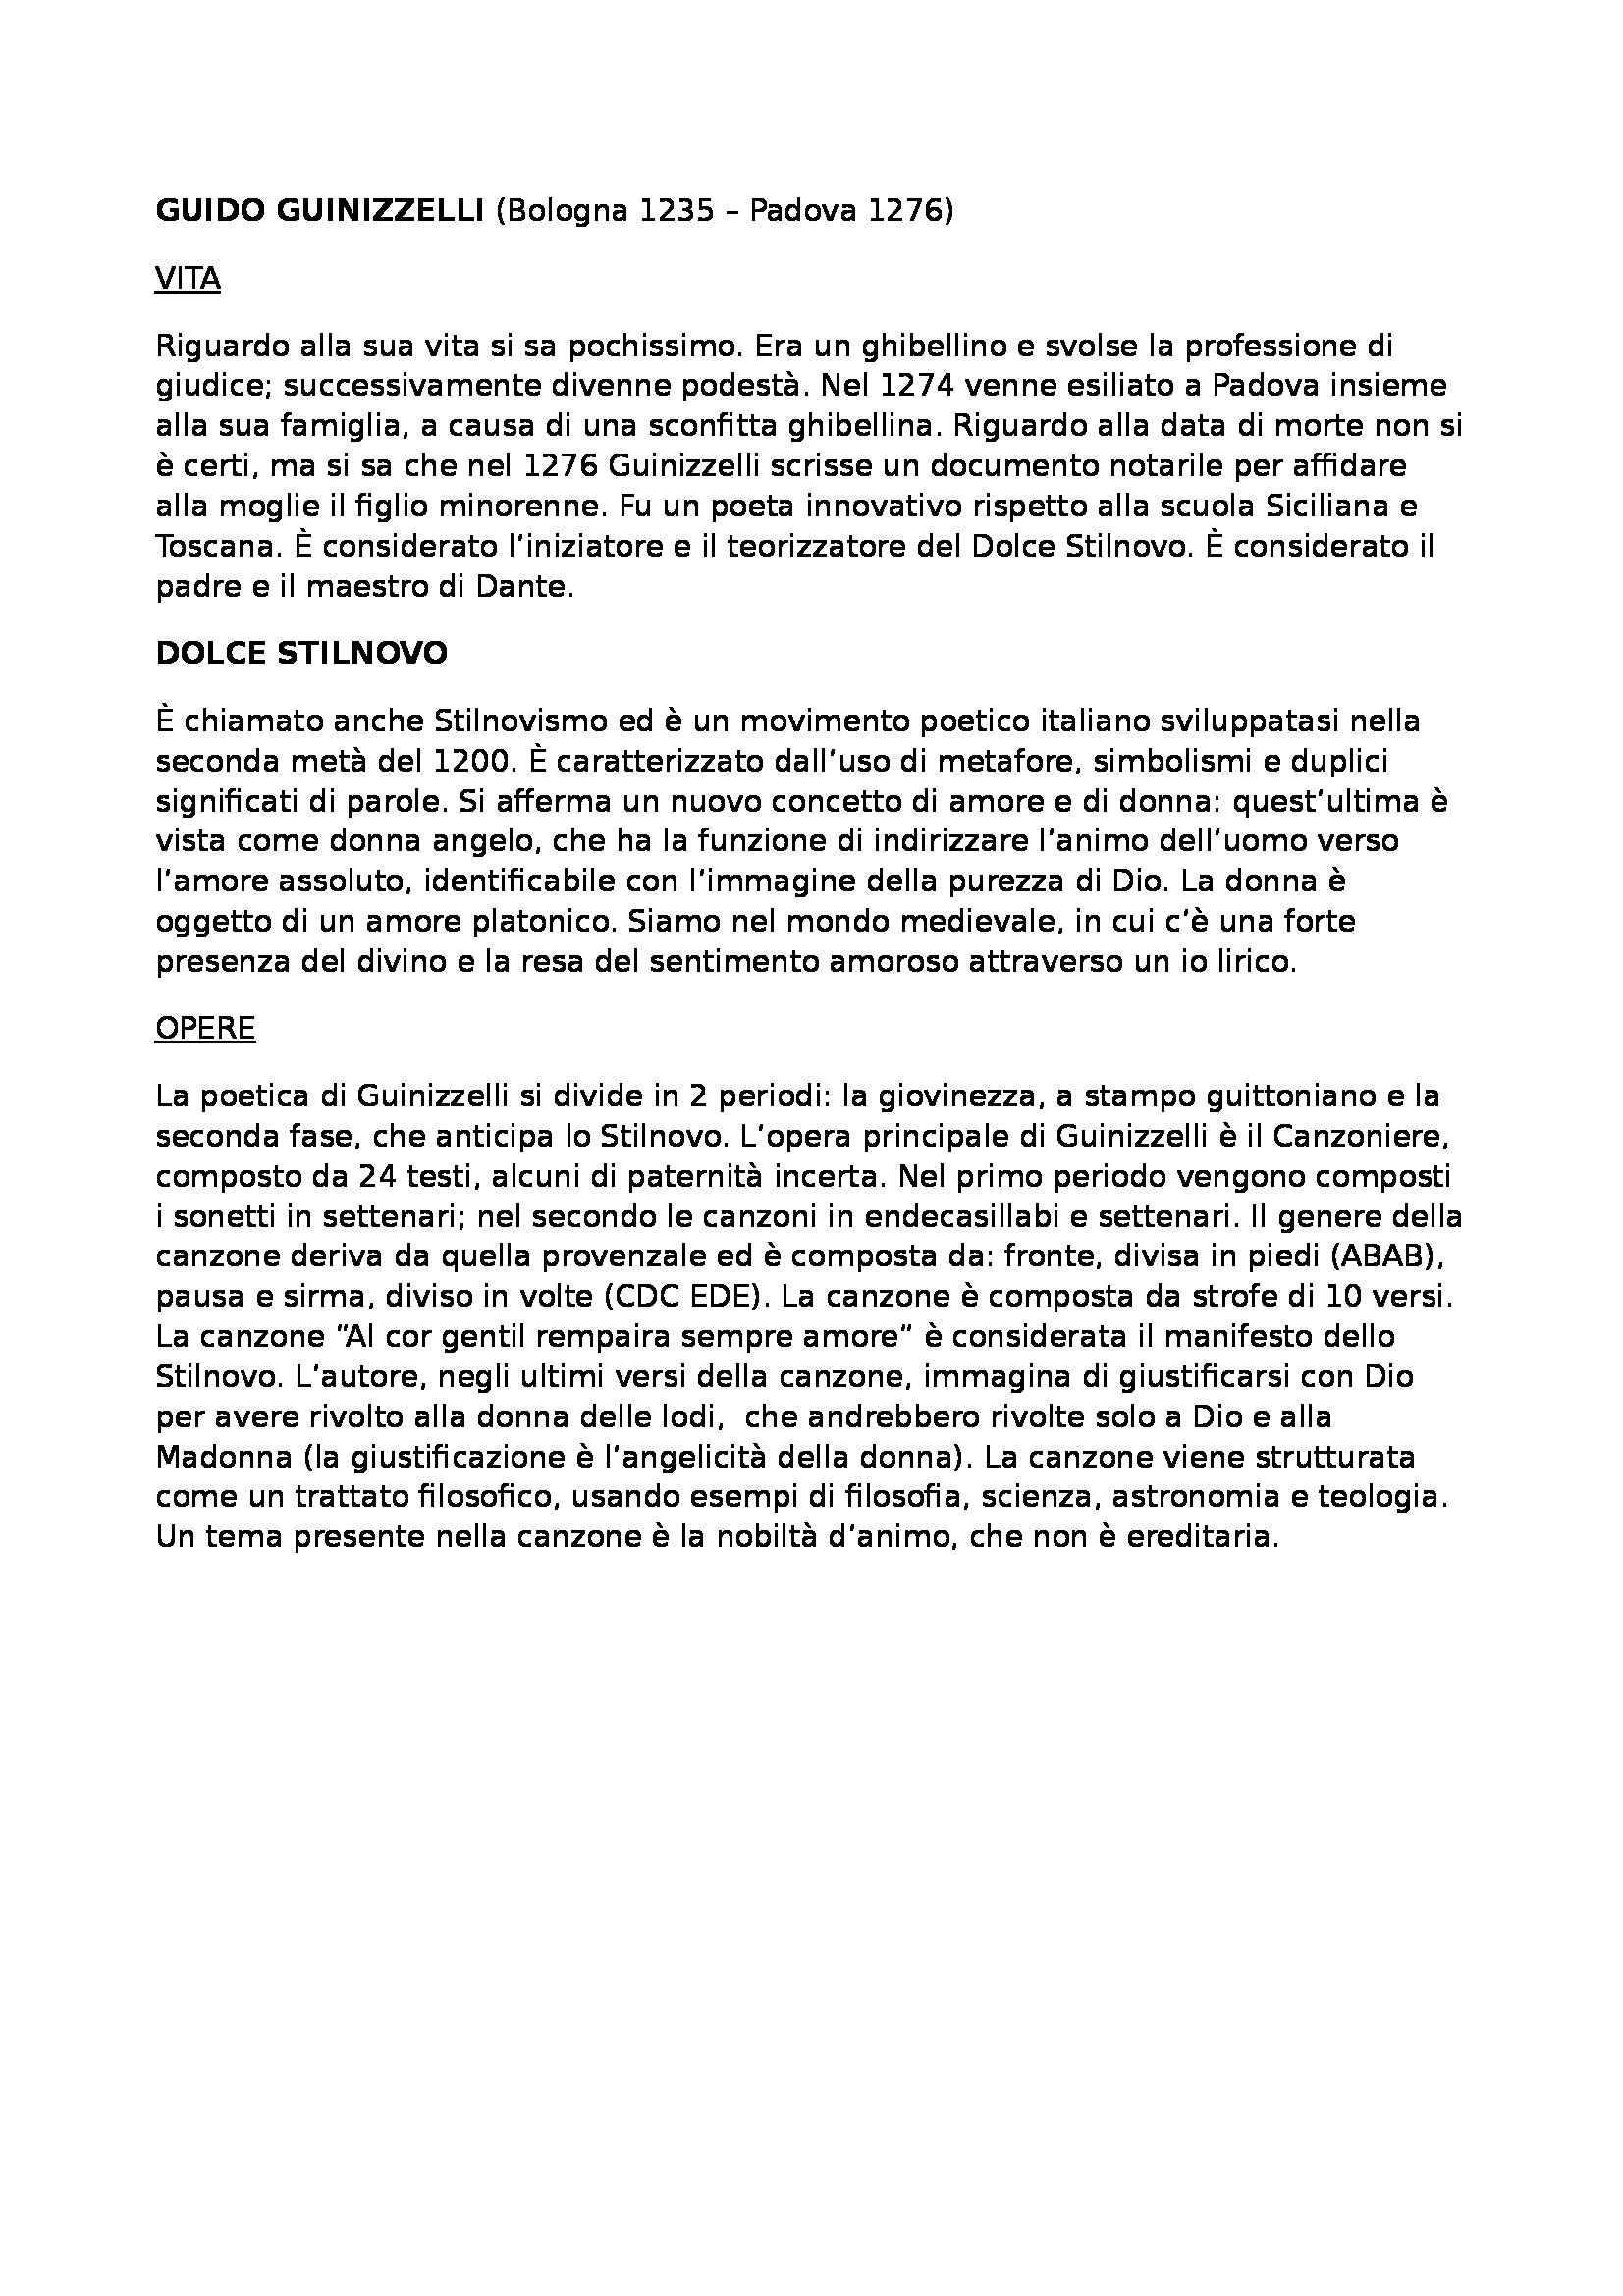 Letteratura italiana - Guido Guinizzelli